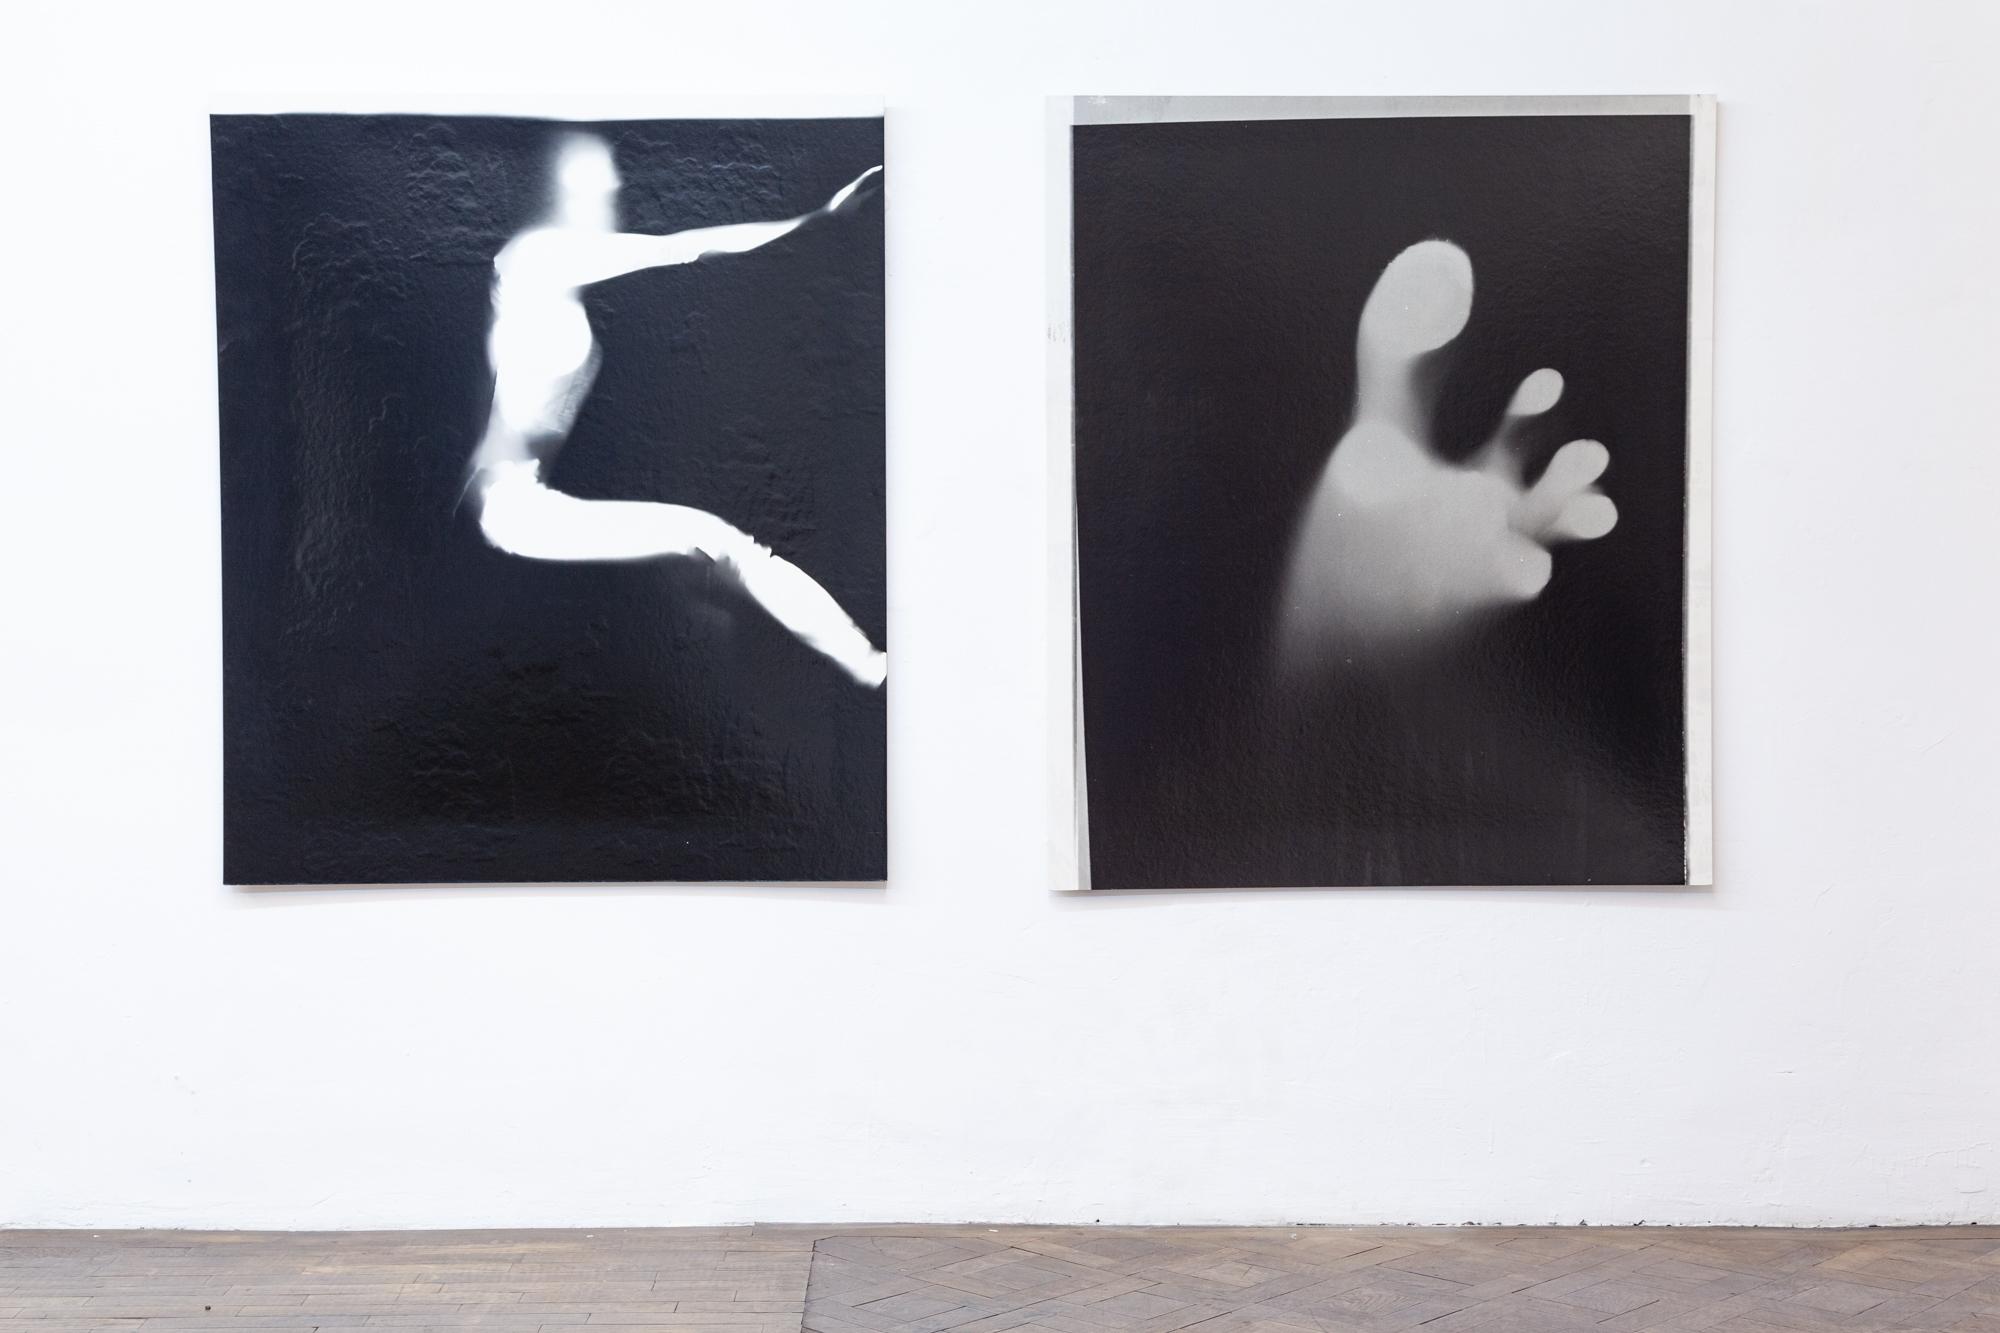 """Installationsansicht: Michaela Moscouw, """"Originalgröße"""" und """"Fuss"""", 1998, Photogramm, je 141 x 118 cm"""